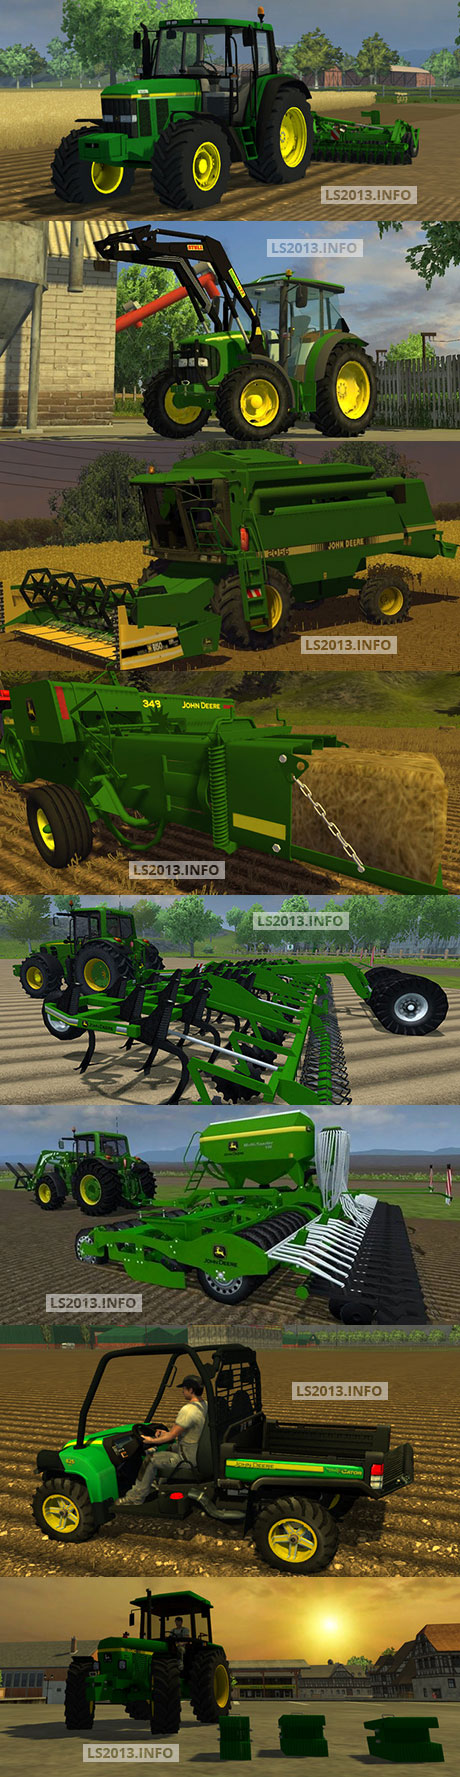 John-Deere-Agricultural-Pack